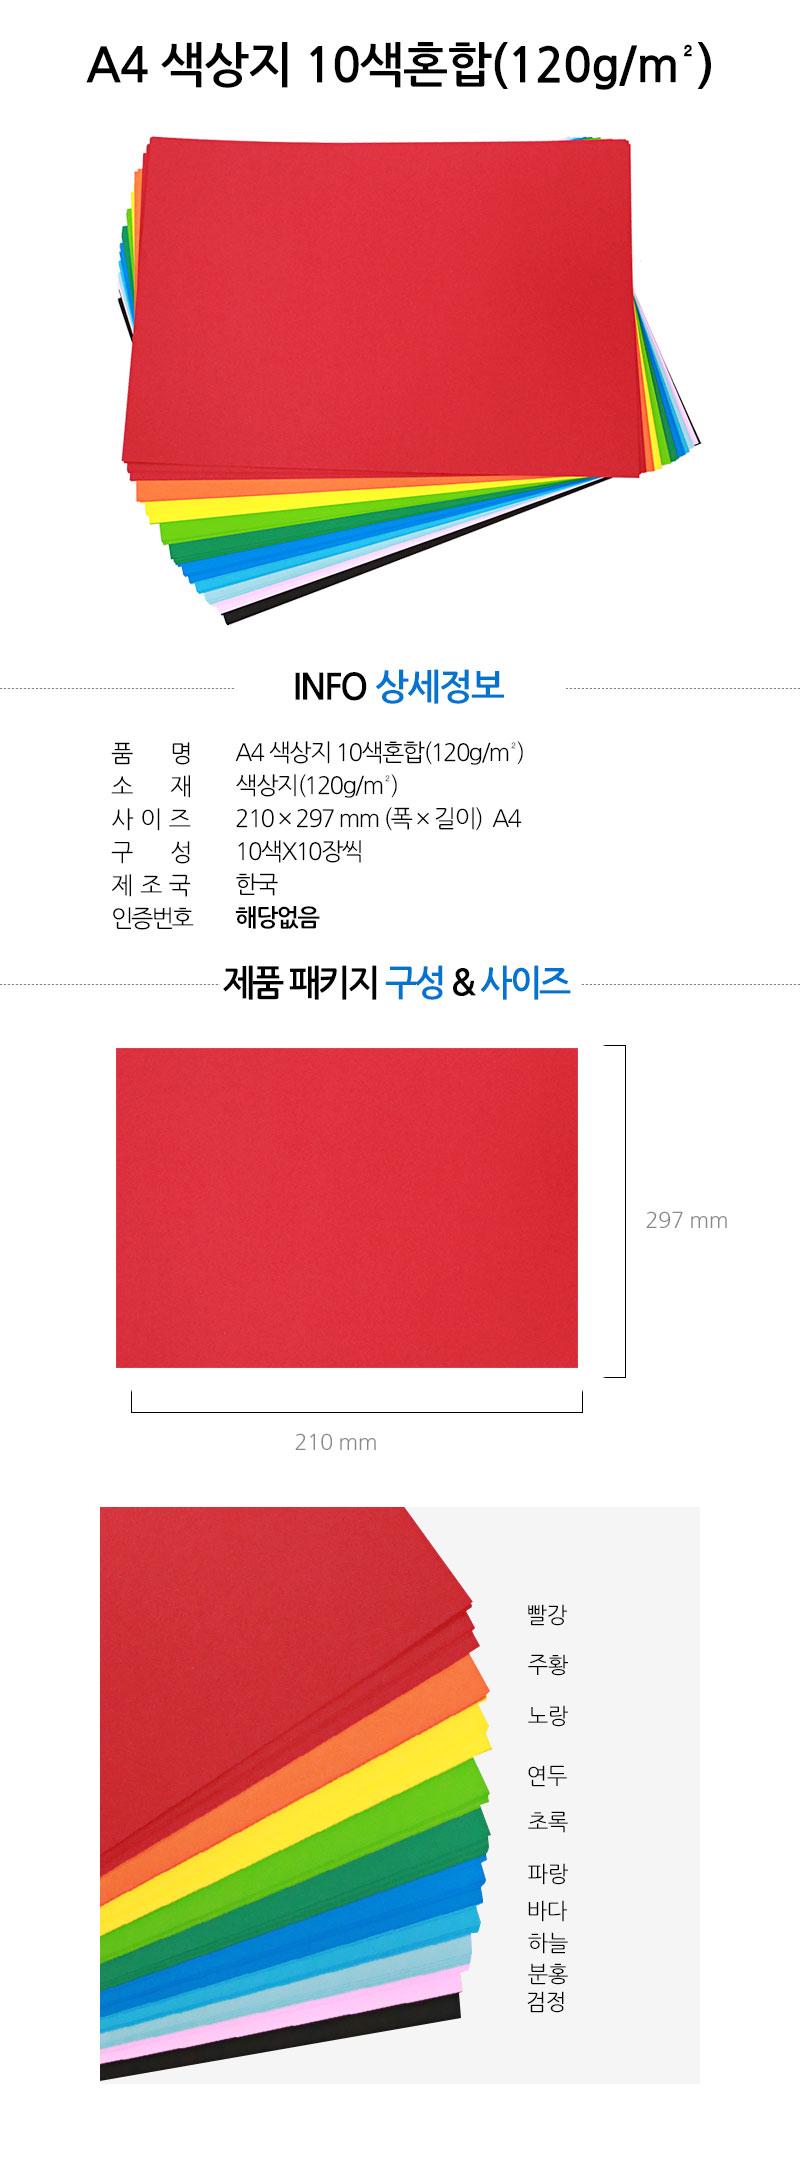 A4색상지 100장(10색혼합) - 킹콩박스, 12,000원, 화방지류, 색종이